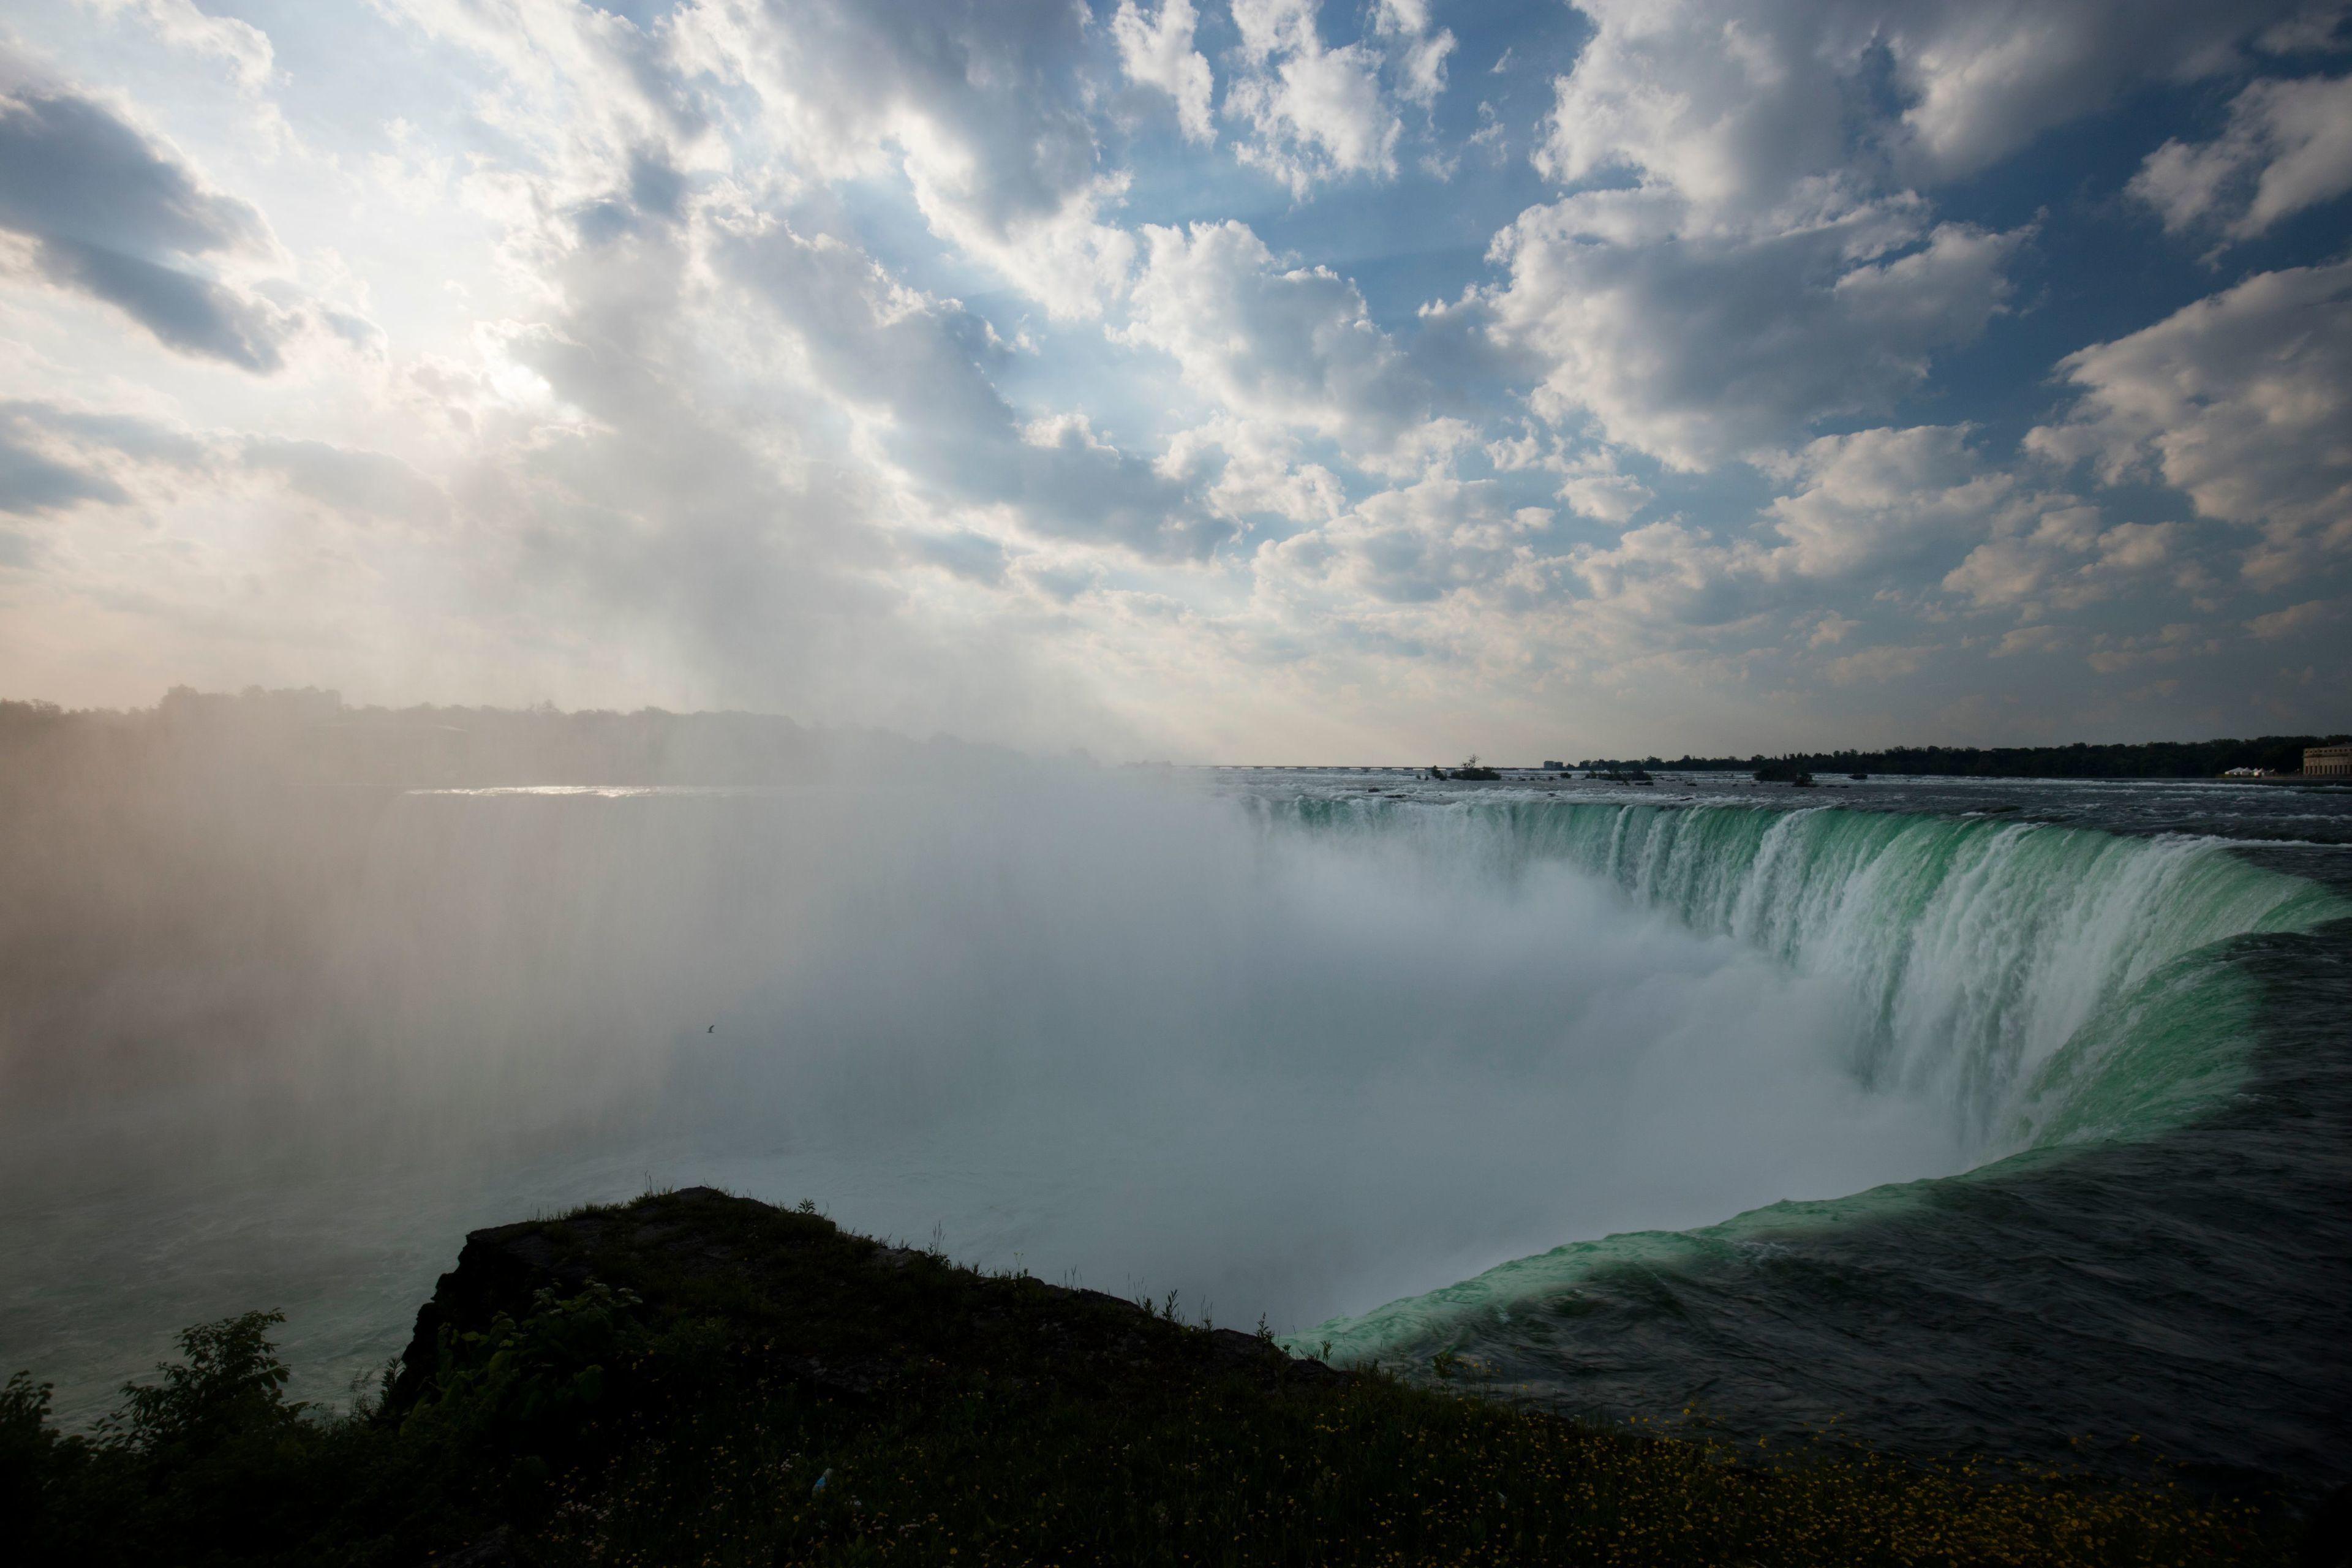 Shoppingtur från New York City med övernattning i Niagarafallen